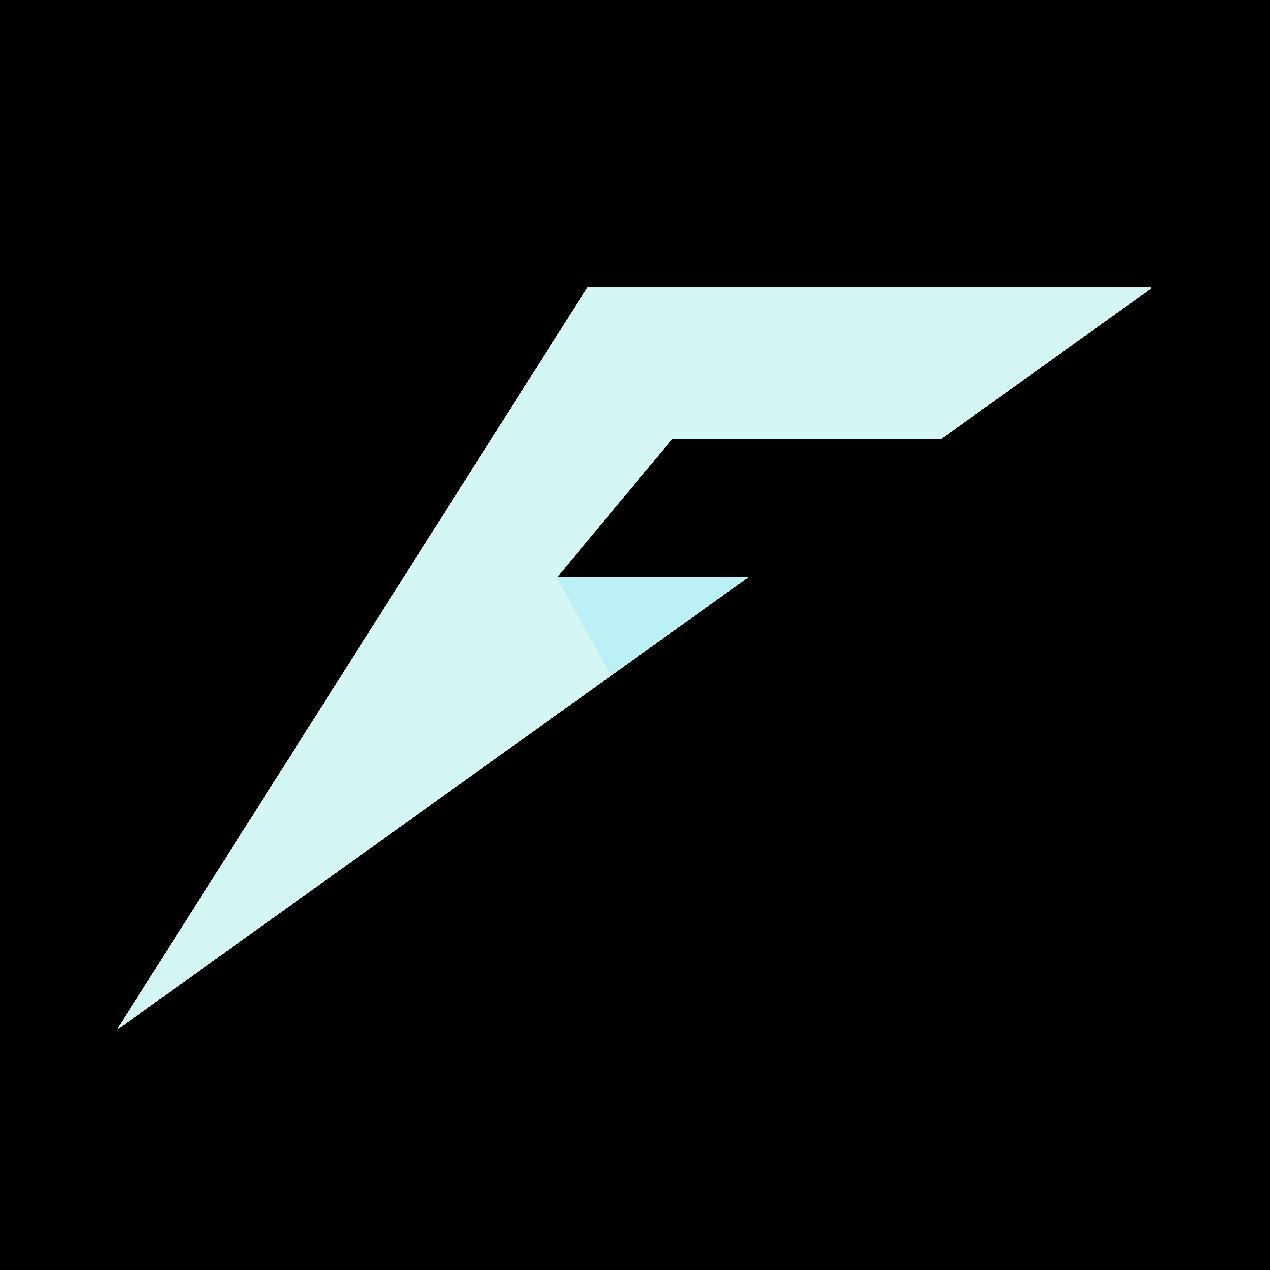 Logo XII (Size = 1270), Zero Background PNG